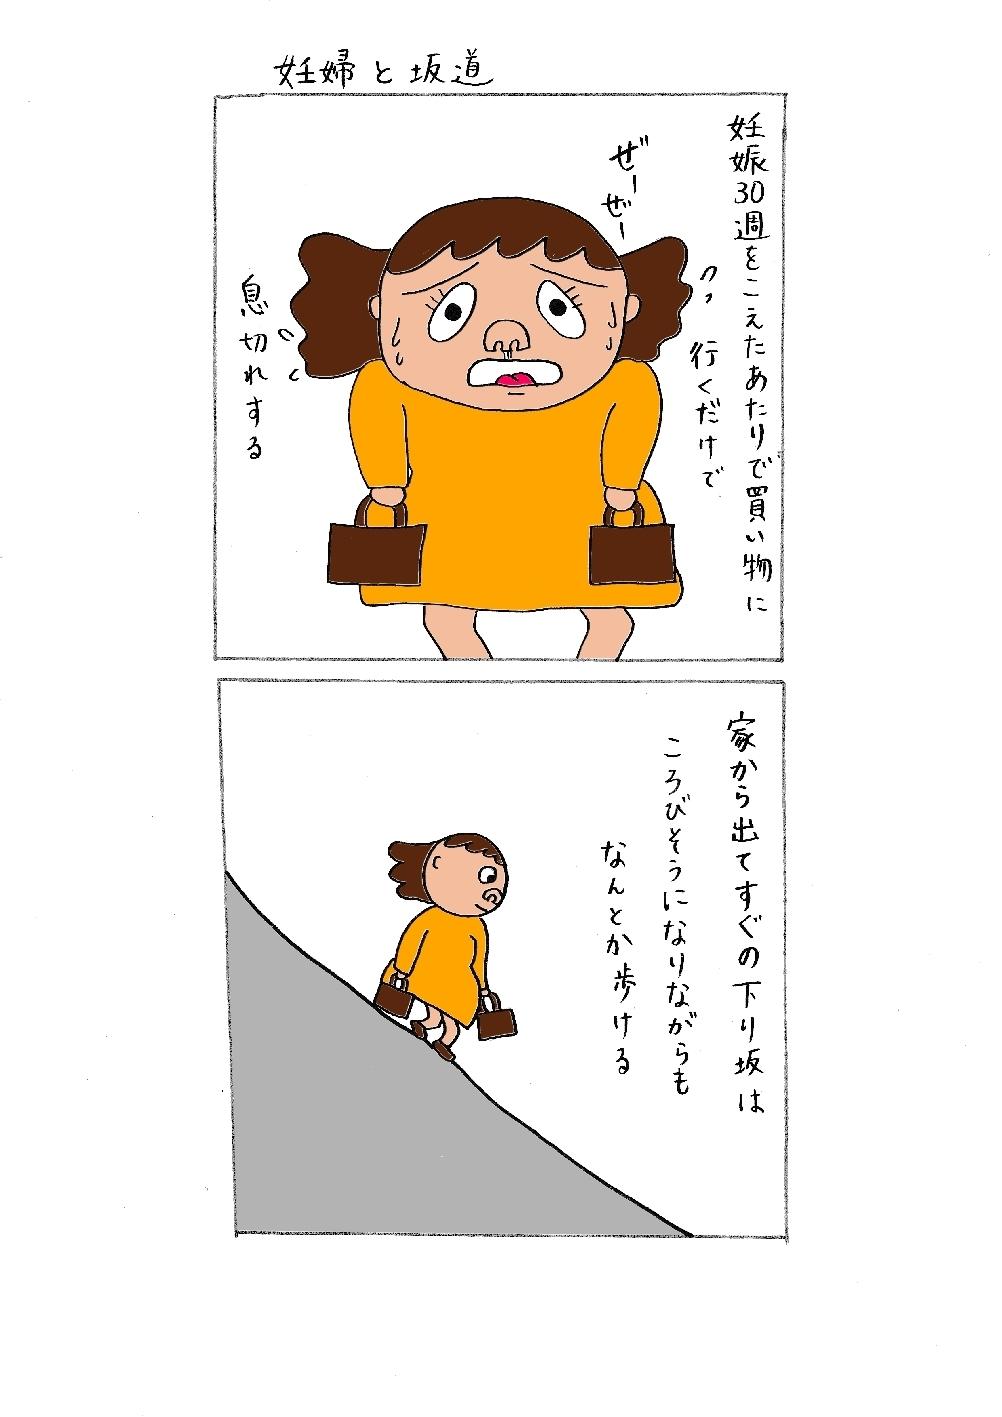 妊婦と坂道.jpg